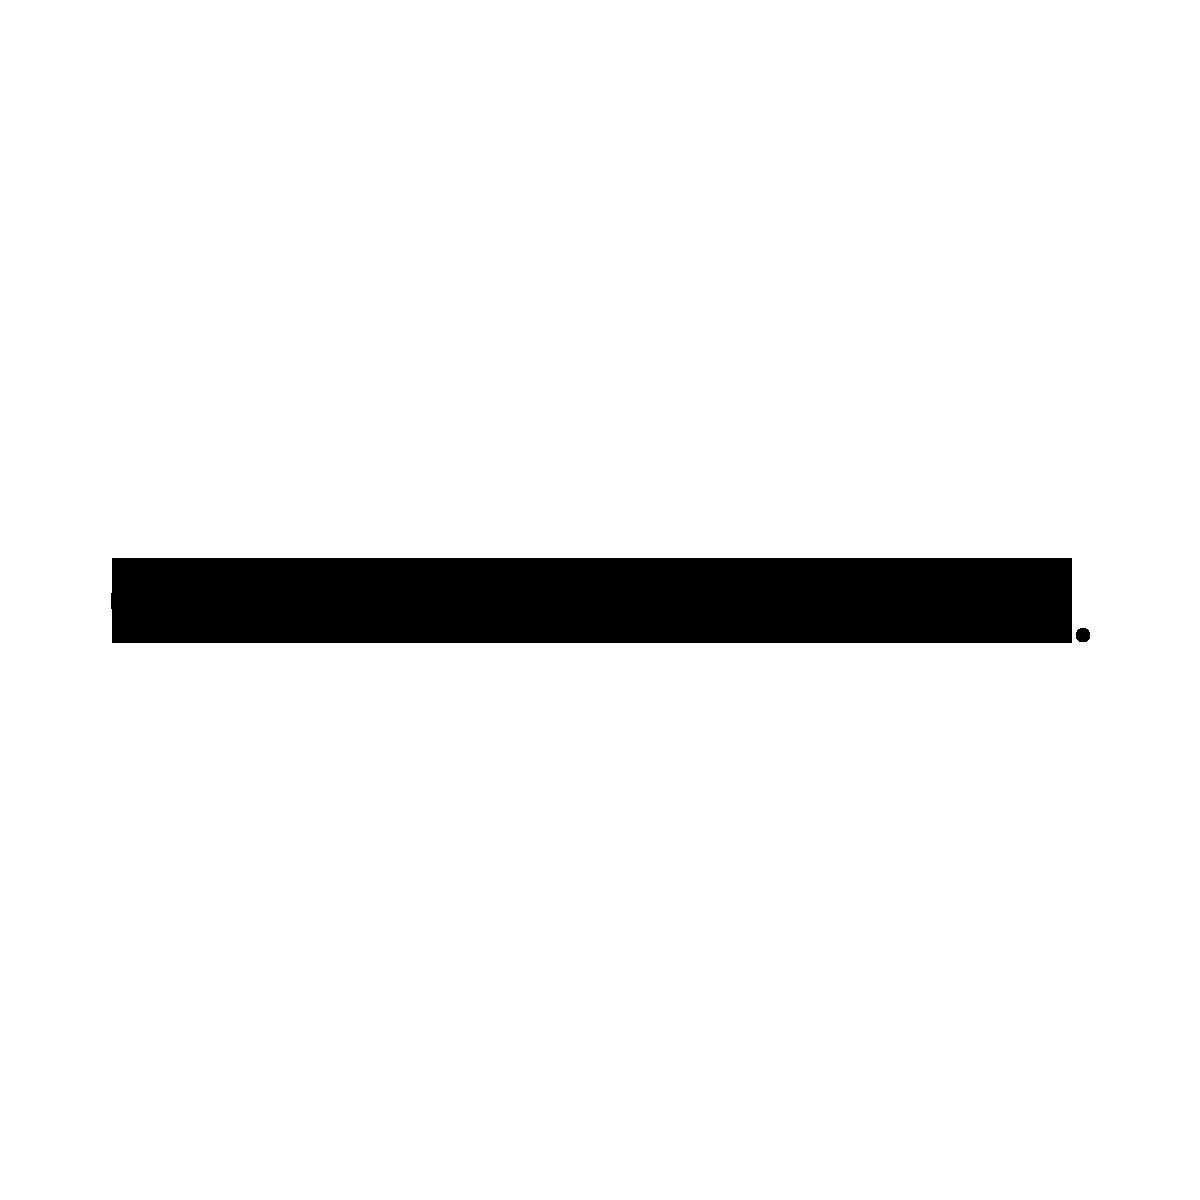 Espadrille-loafer-slangenprint-leer-taupe